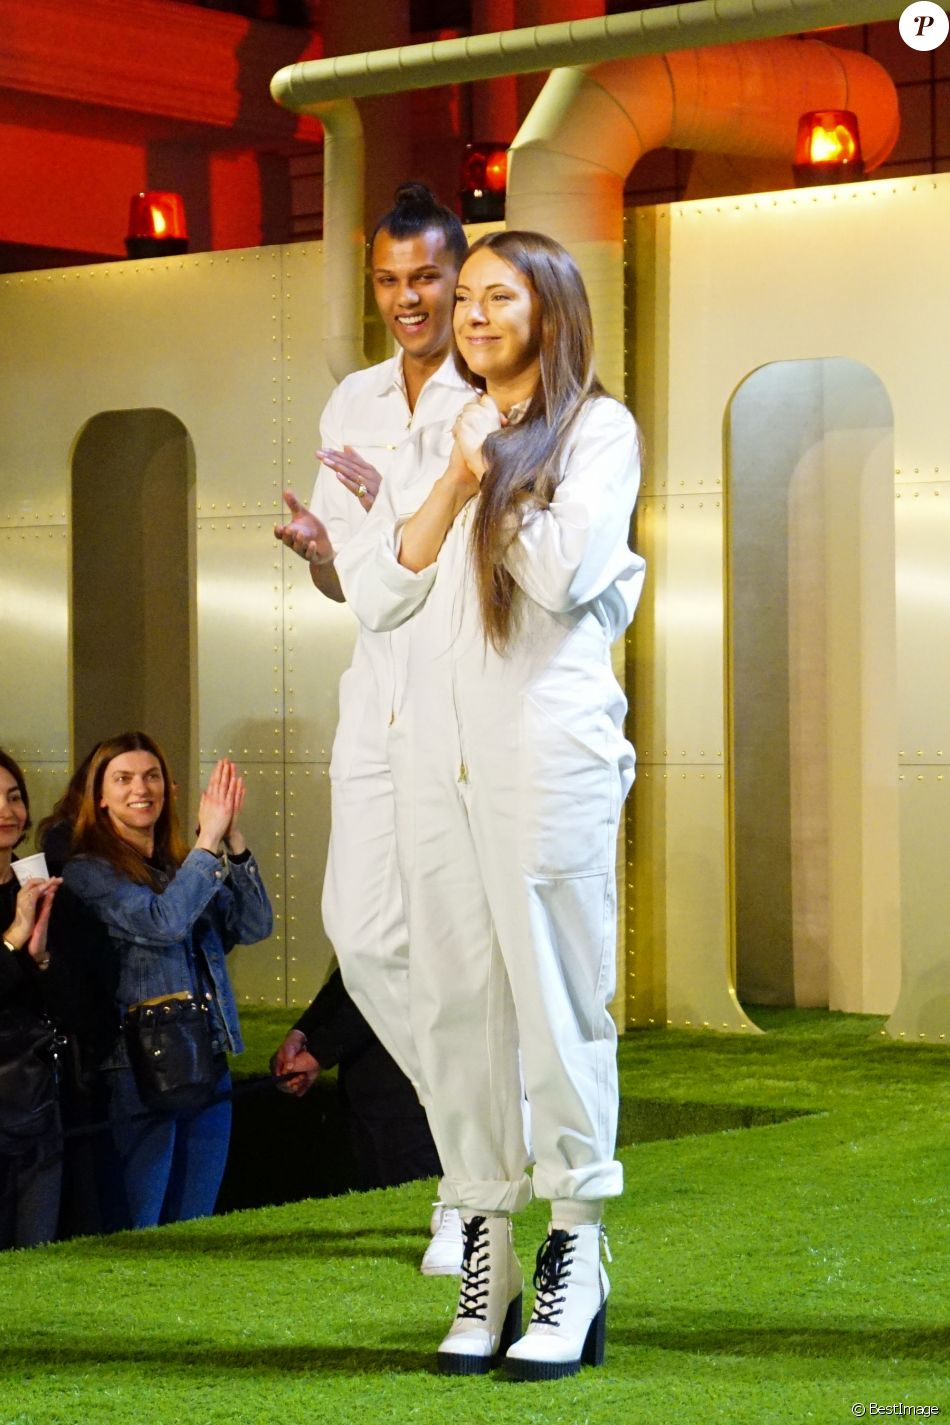 Le chanteur Stromae et Coralie Barbier présentent la 5 ème collection de vêtements de leur marque Moseart au Bon Marché, Paris le 6 avril 2018.